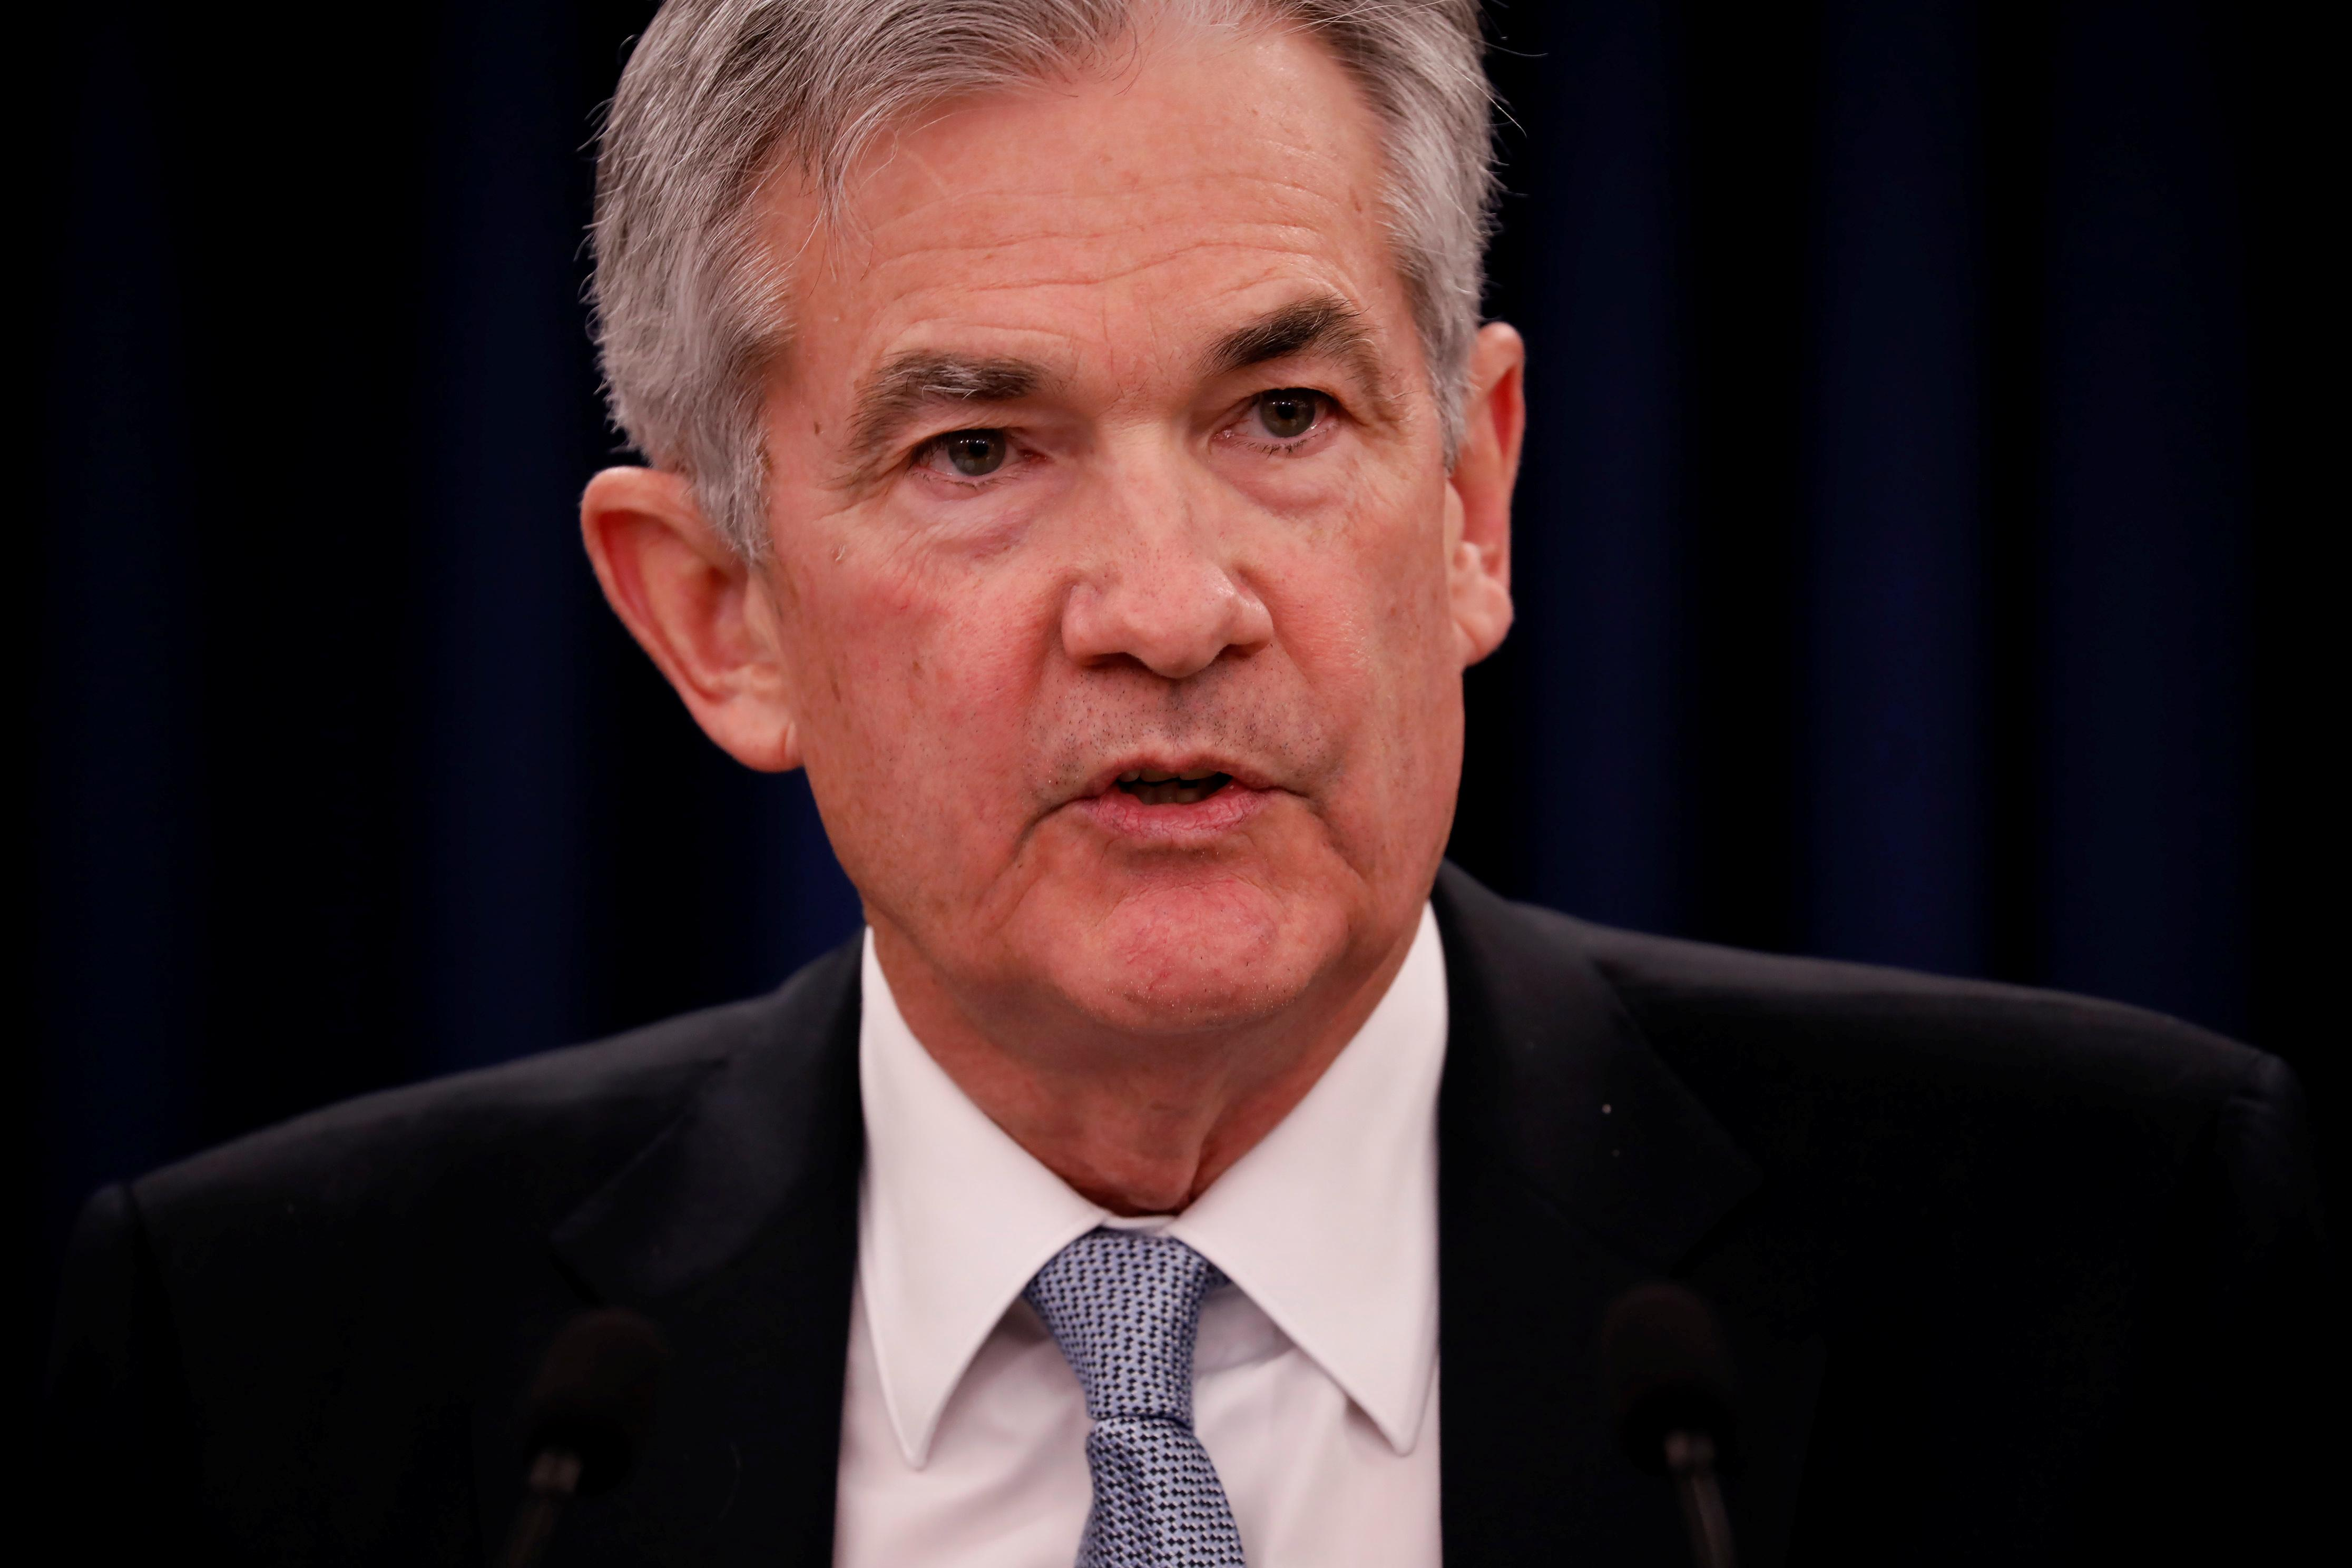 美联储的鲍威尔:太早说出关税将如何影响美国的经济前景